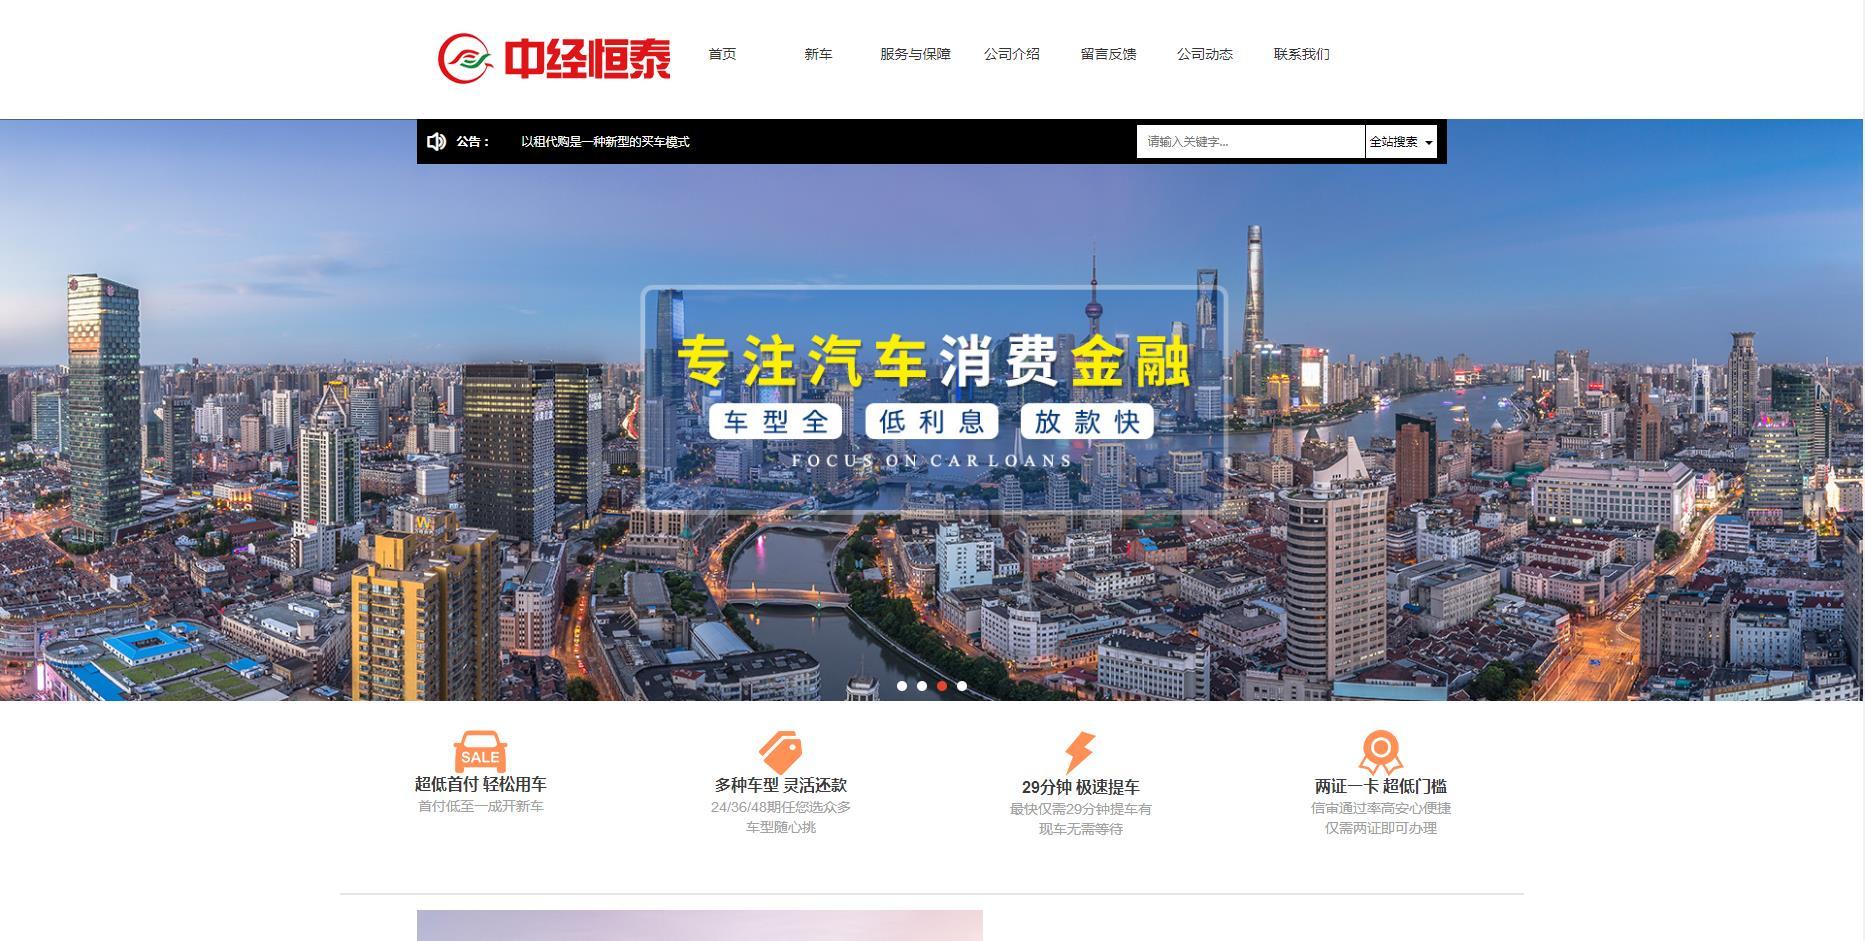 青島市中經恒泰融資租賃有限公司網站建設案例